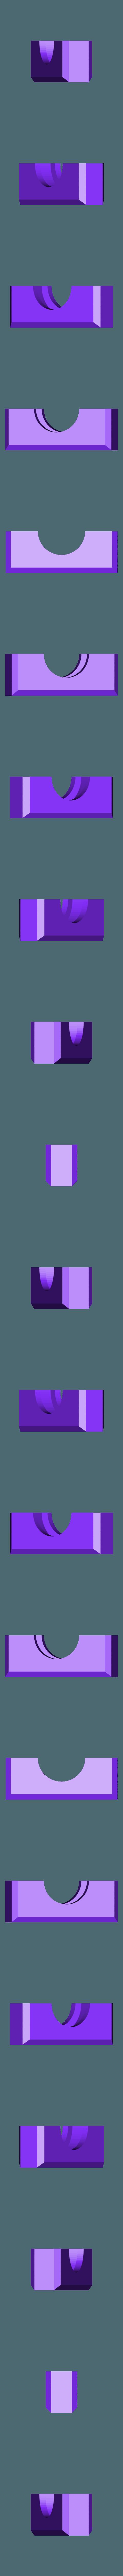 Bearing seat.stl Télécharger fichier STL gratuit WLtoys A959 • Plan imprimable en 3D, EvolvingExtrusions